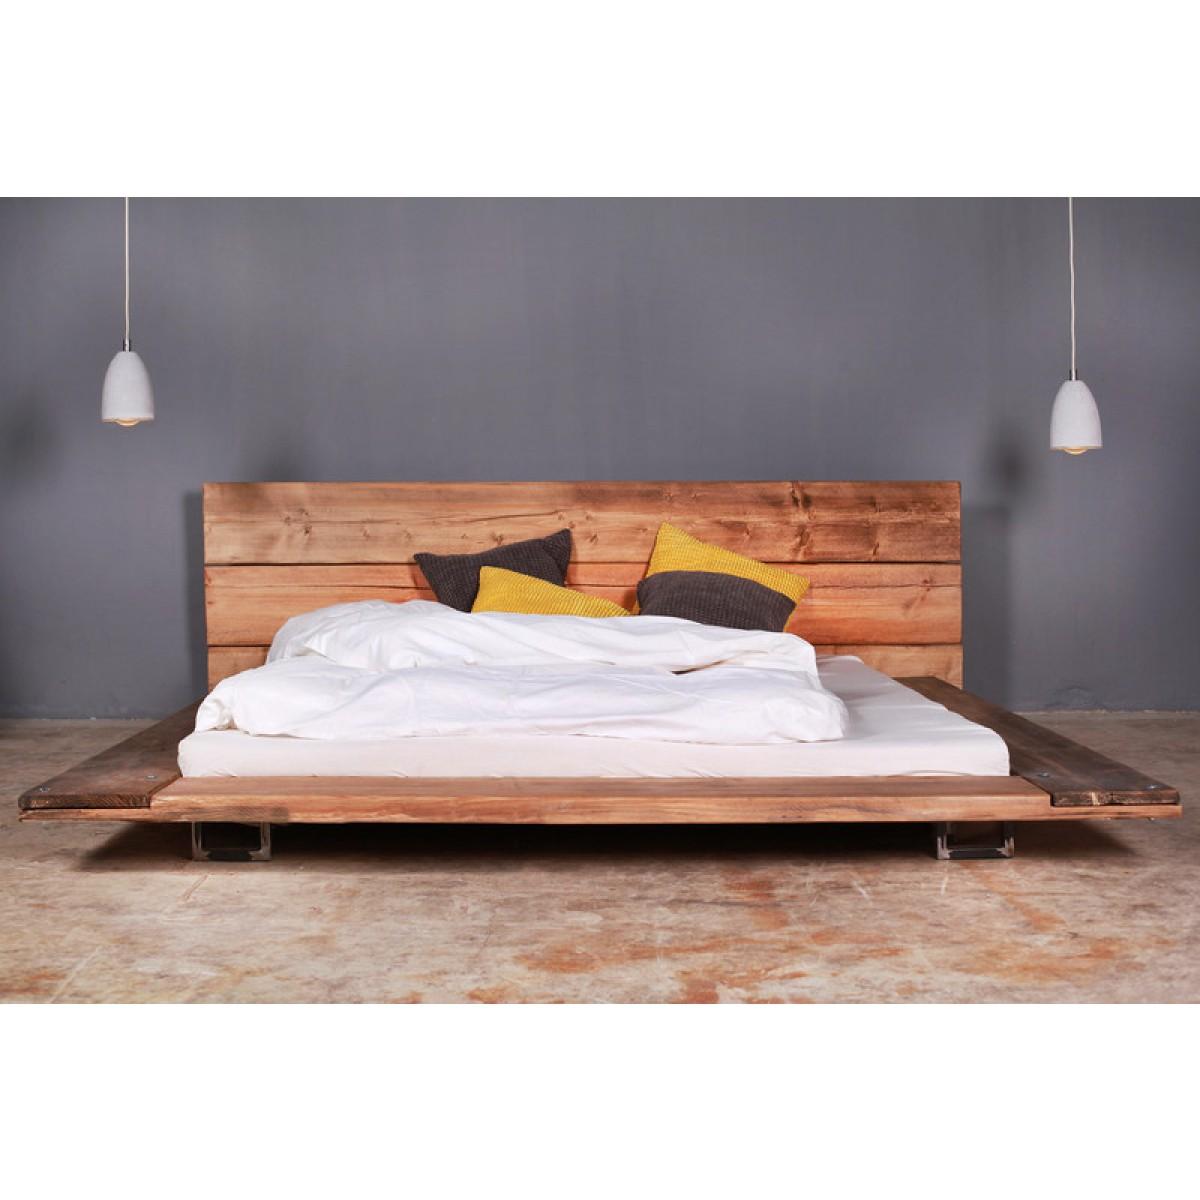 FraaiBerlin Bauholz Bett Cudos dunkel